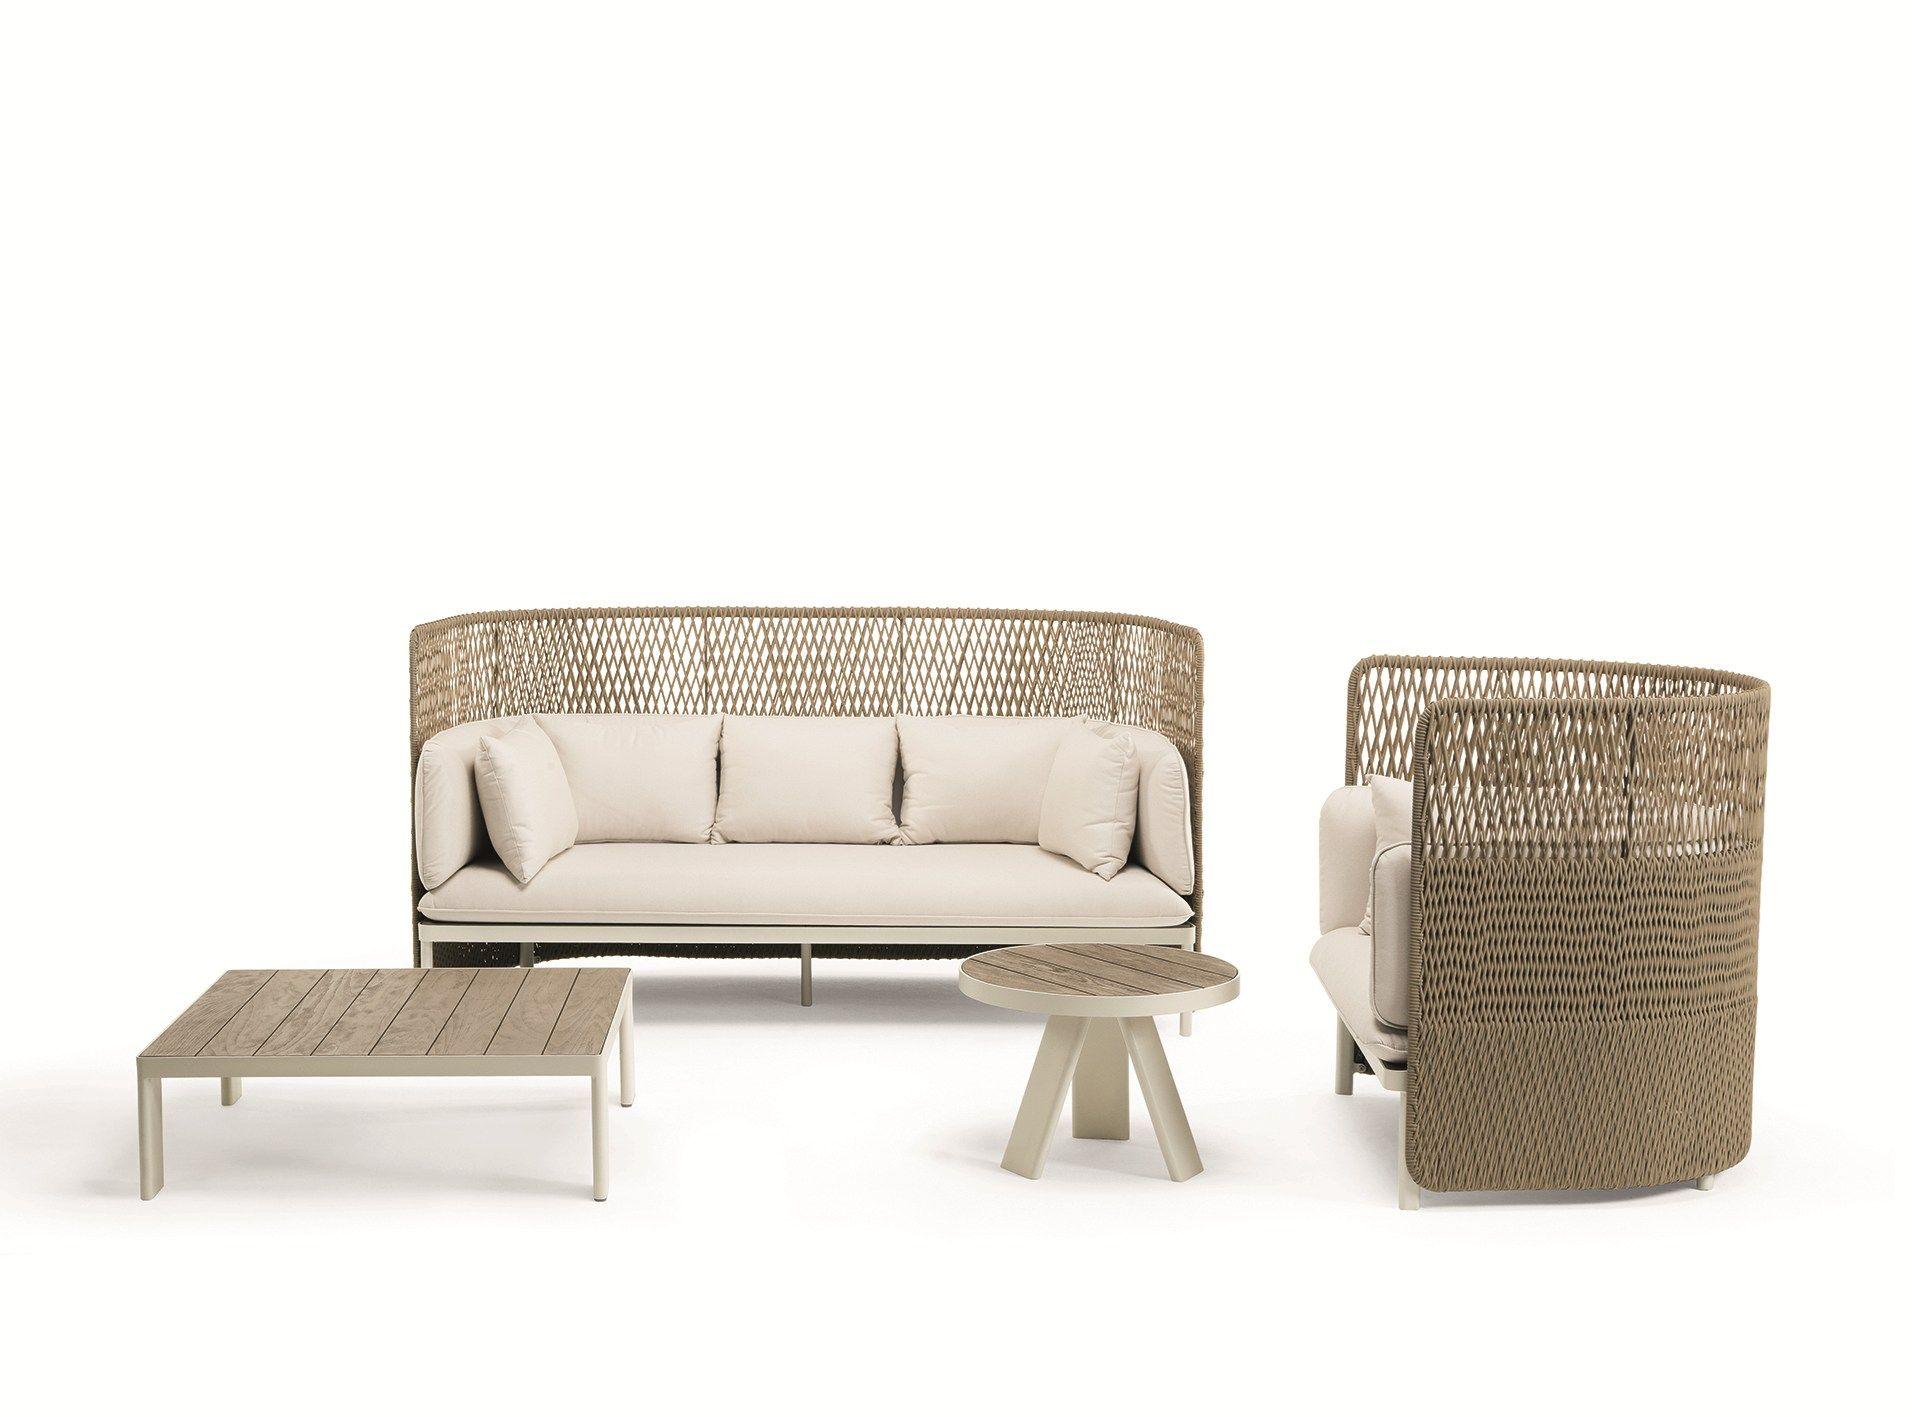 Esedra High Back Garden Sofa By Ethimo Design Luca Nichetto